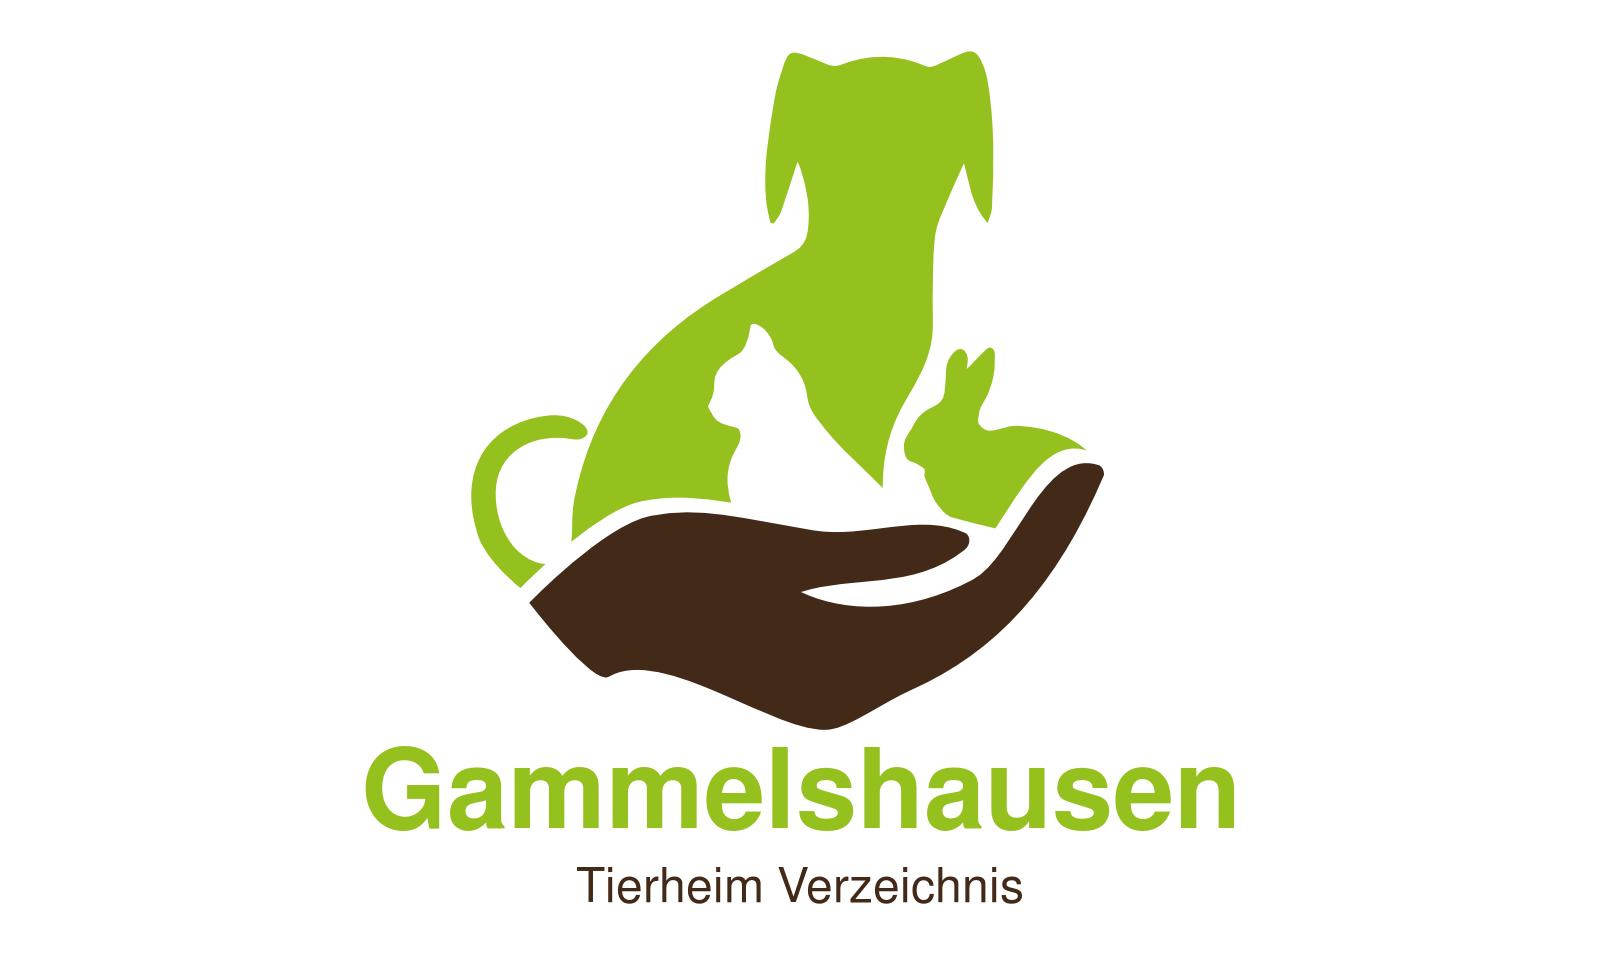 Tierheim Gammelshausen